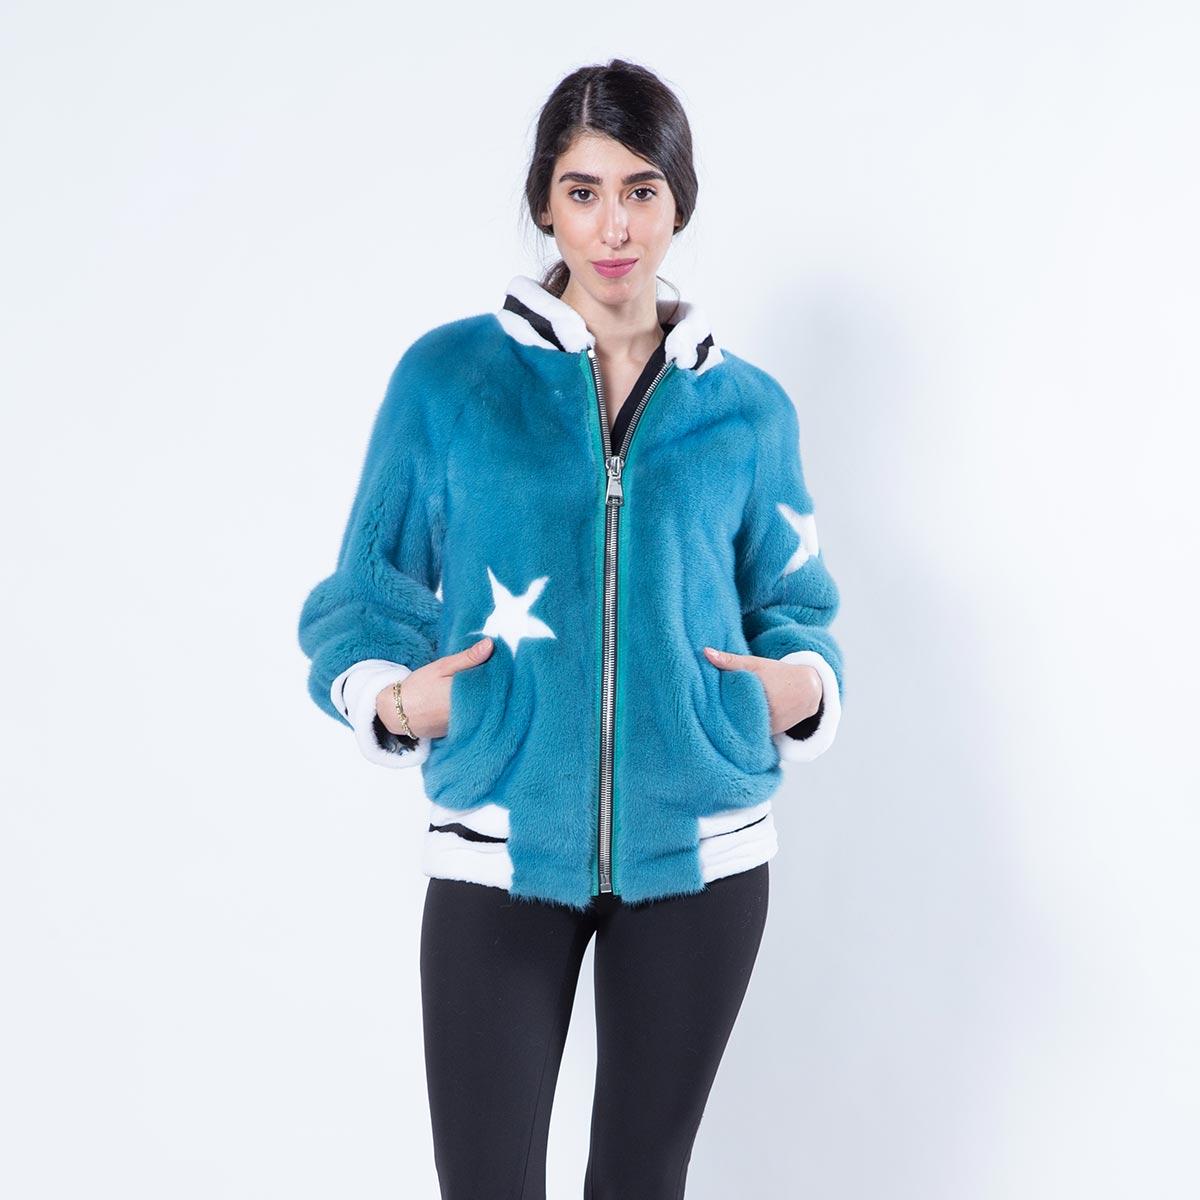 Teal Blue Mink Jacket   Sarigianni Furs